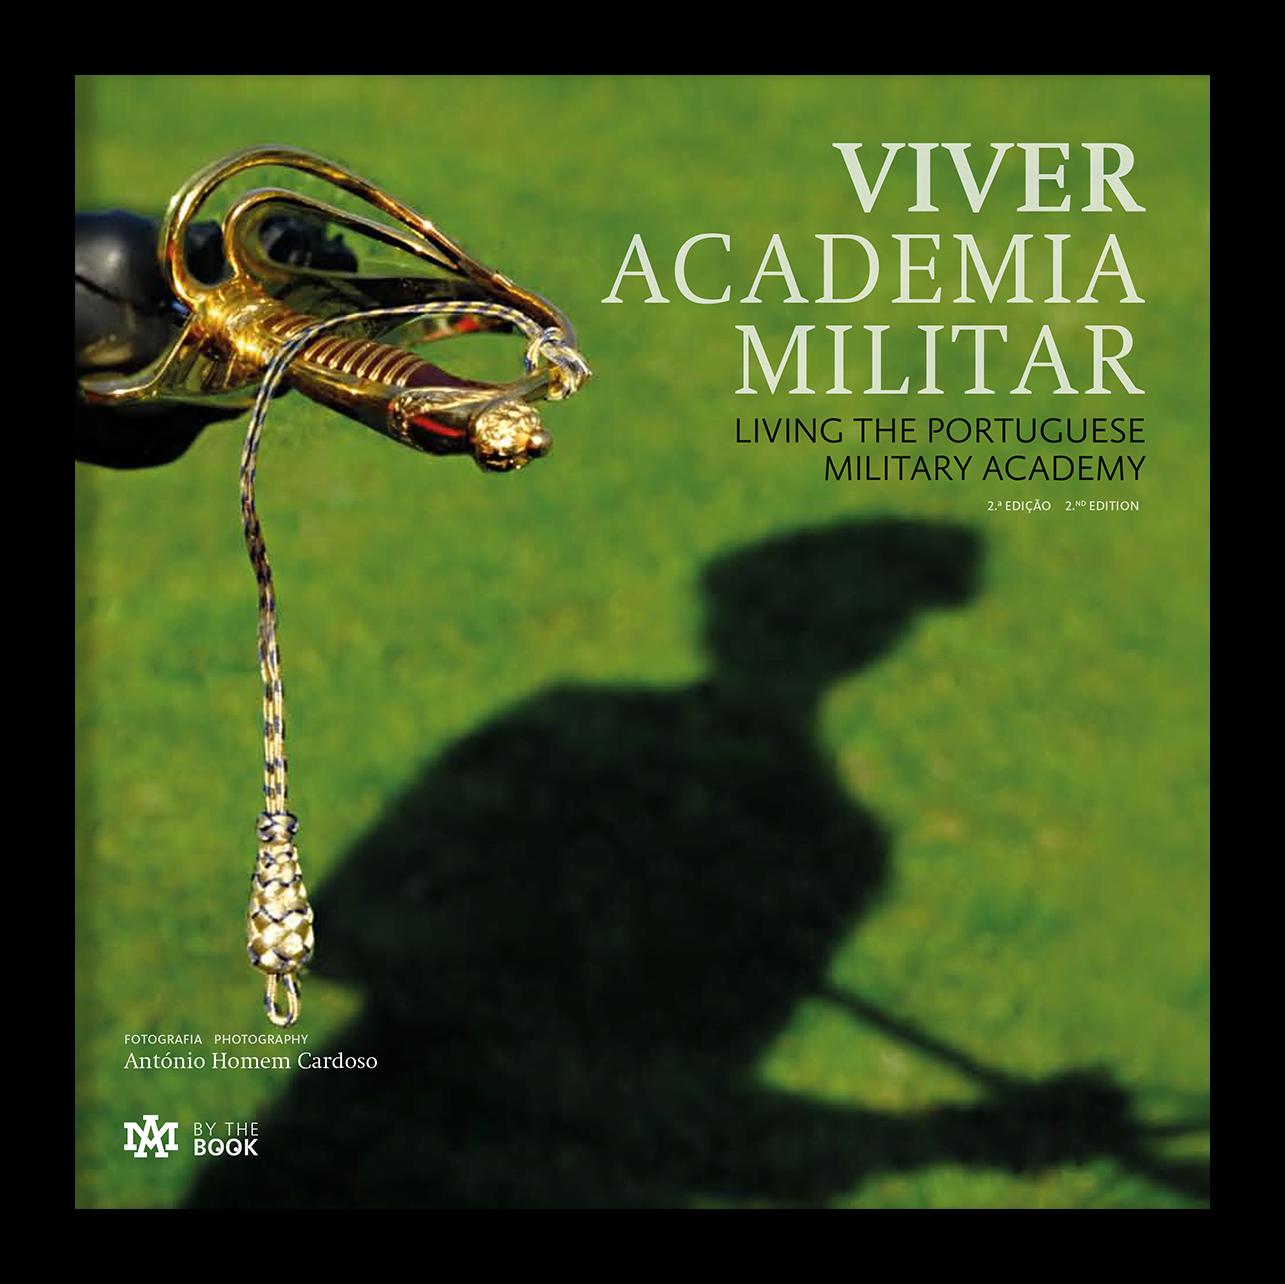 Viver Academia Militar